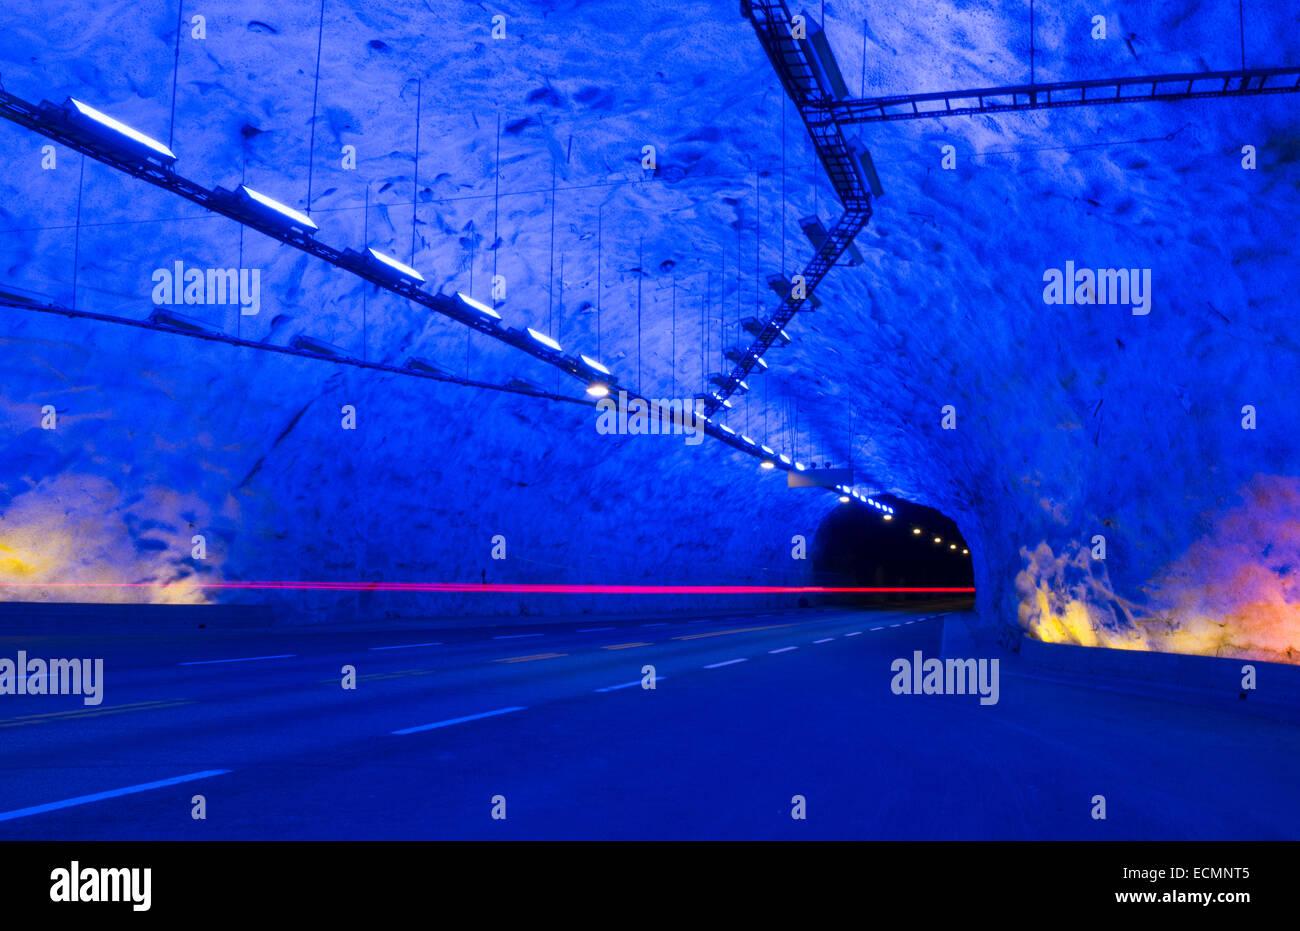 Laerdal Norwegen Tunnel Längste Tunnel Der Welt Bei 245 Km Oder 15